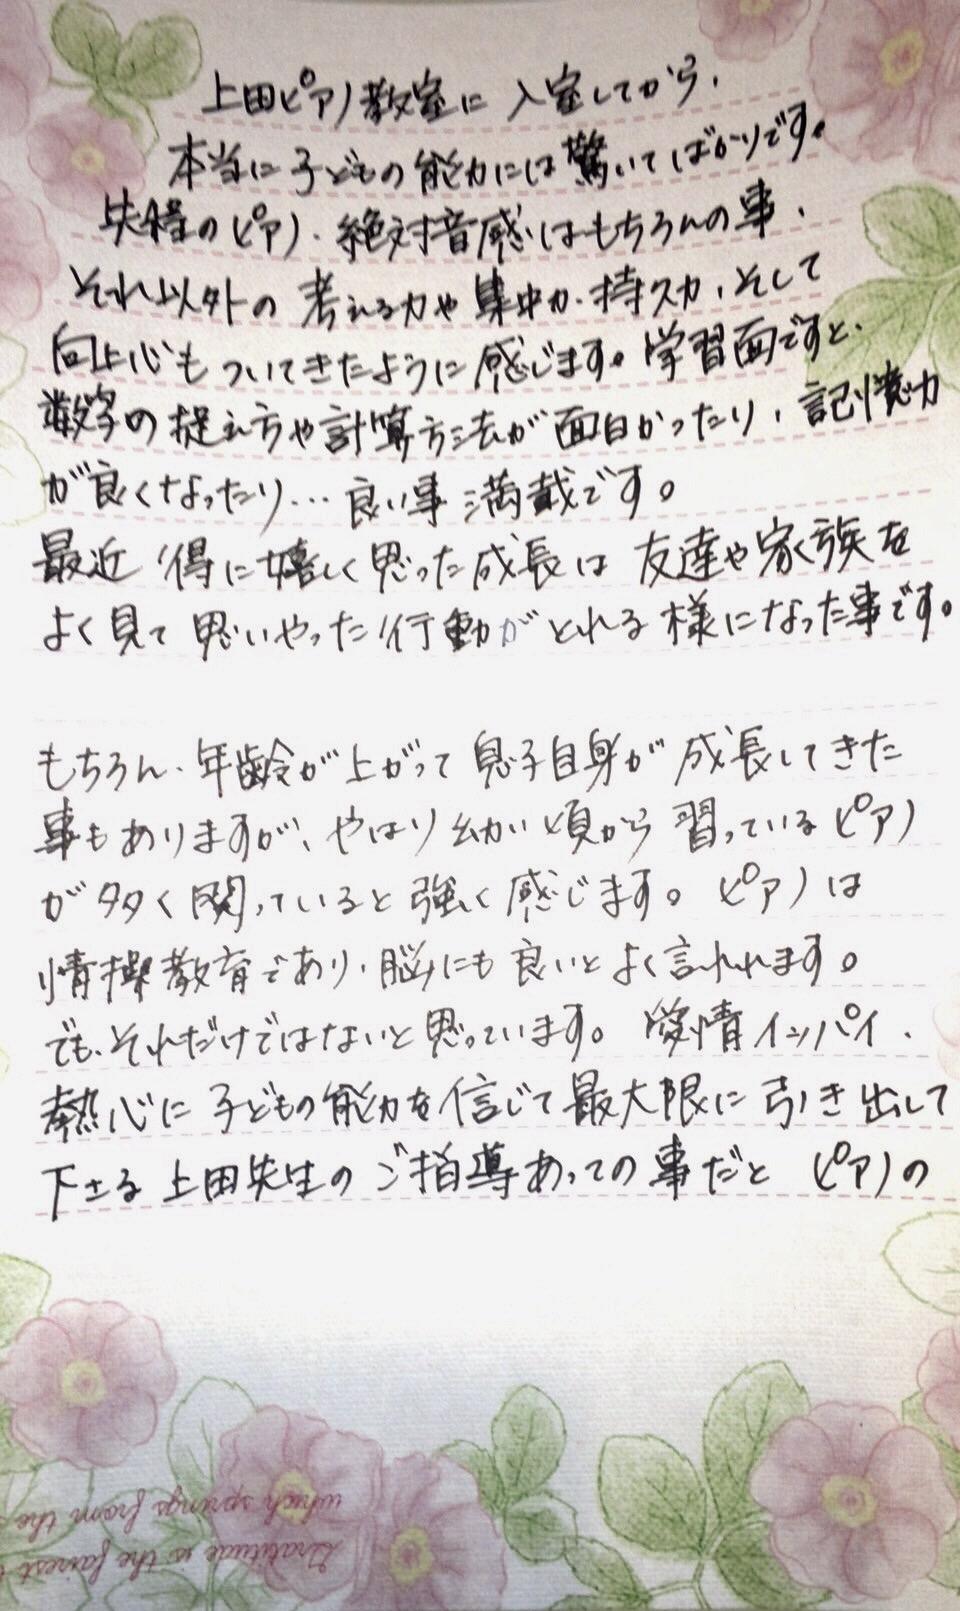 の 先生 へ 手紙 お礼 の